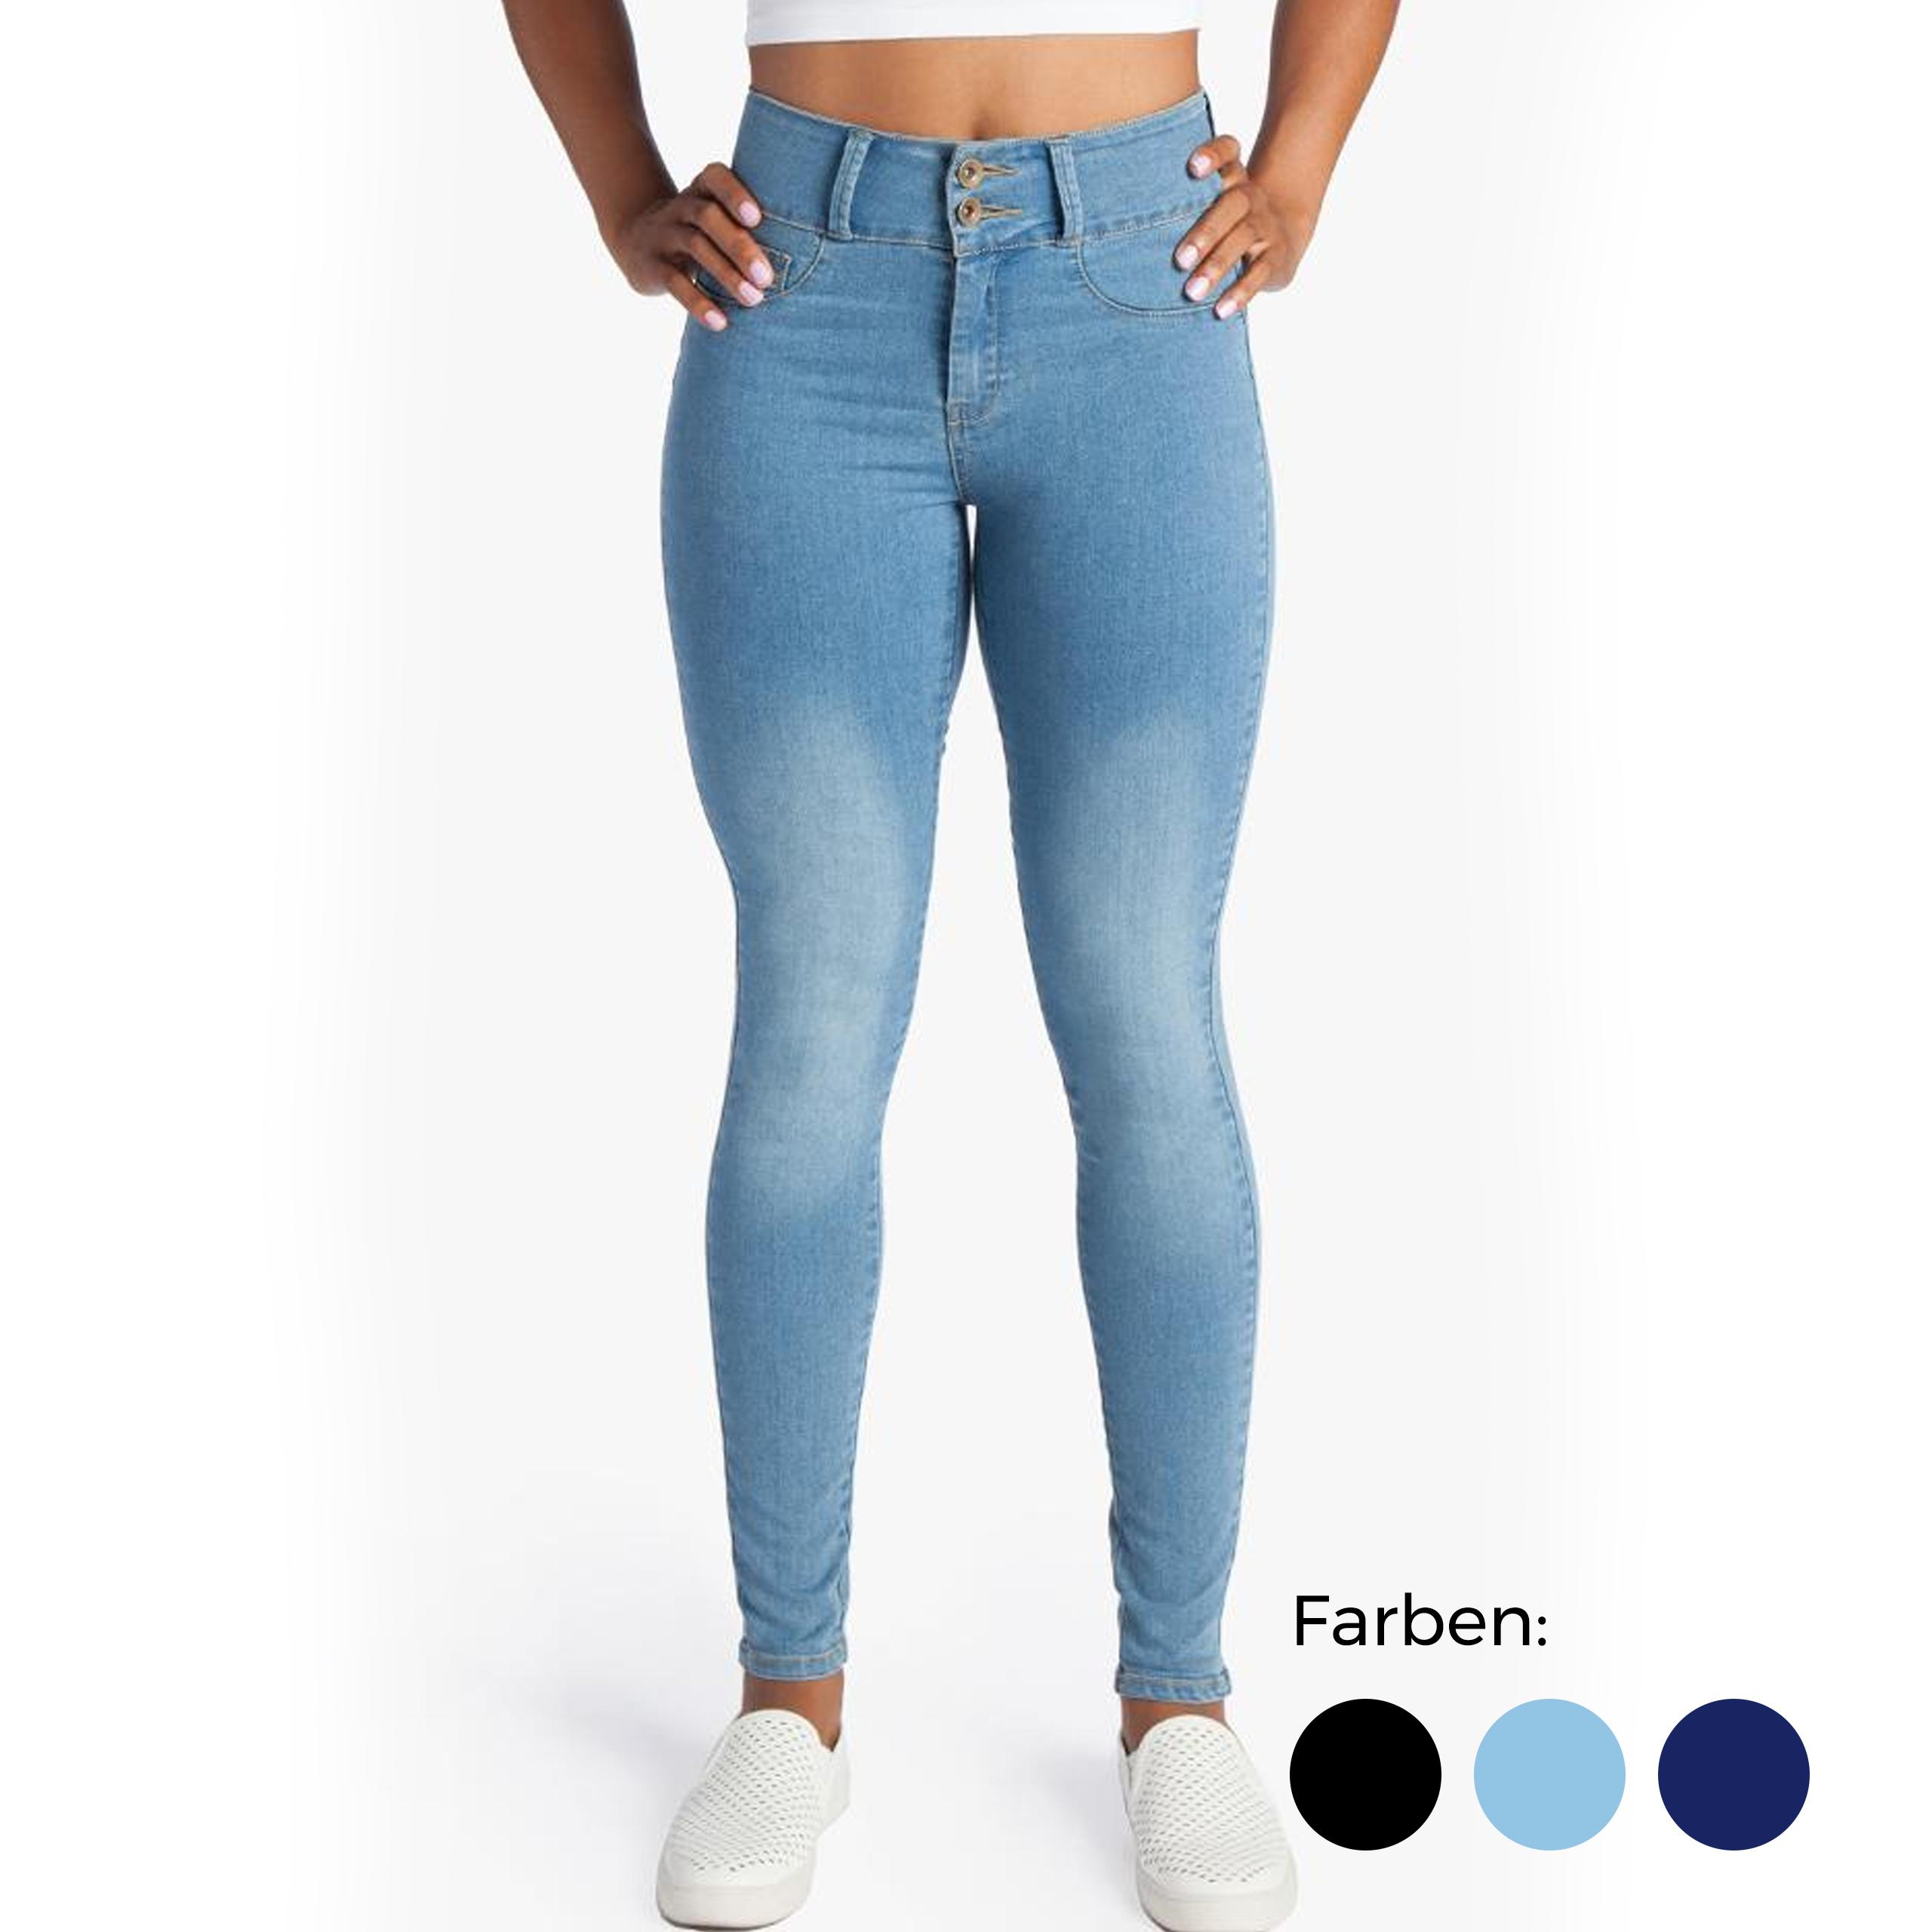 Утягивающие джинсы MyFit в Пятигорске